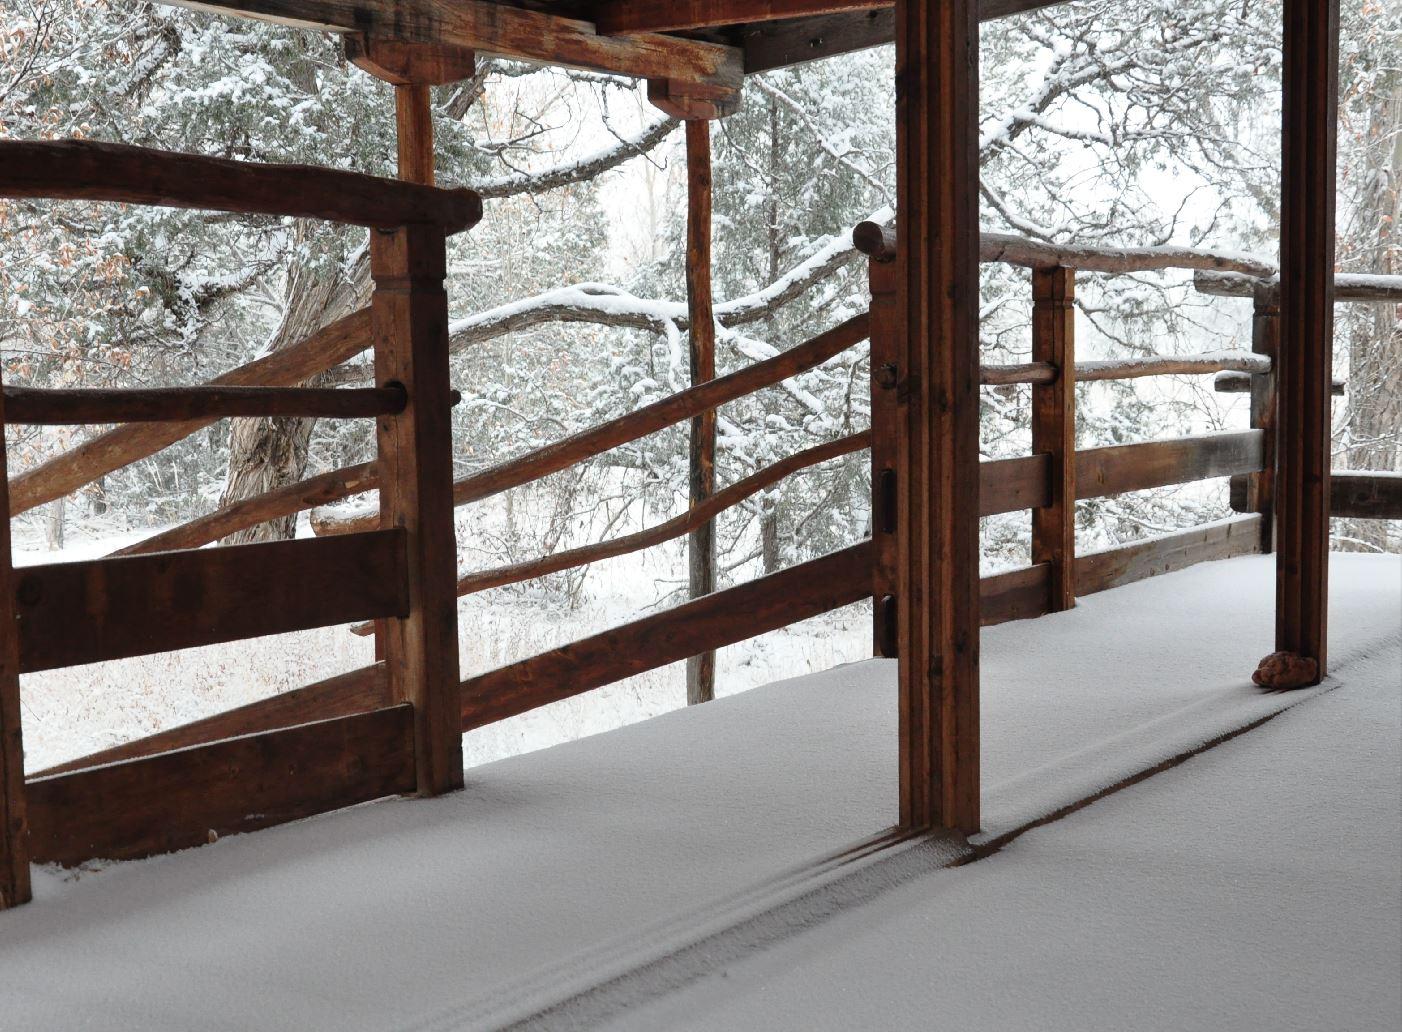 teahouse snow.JPG